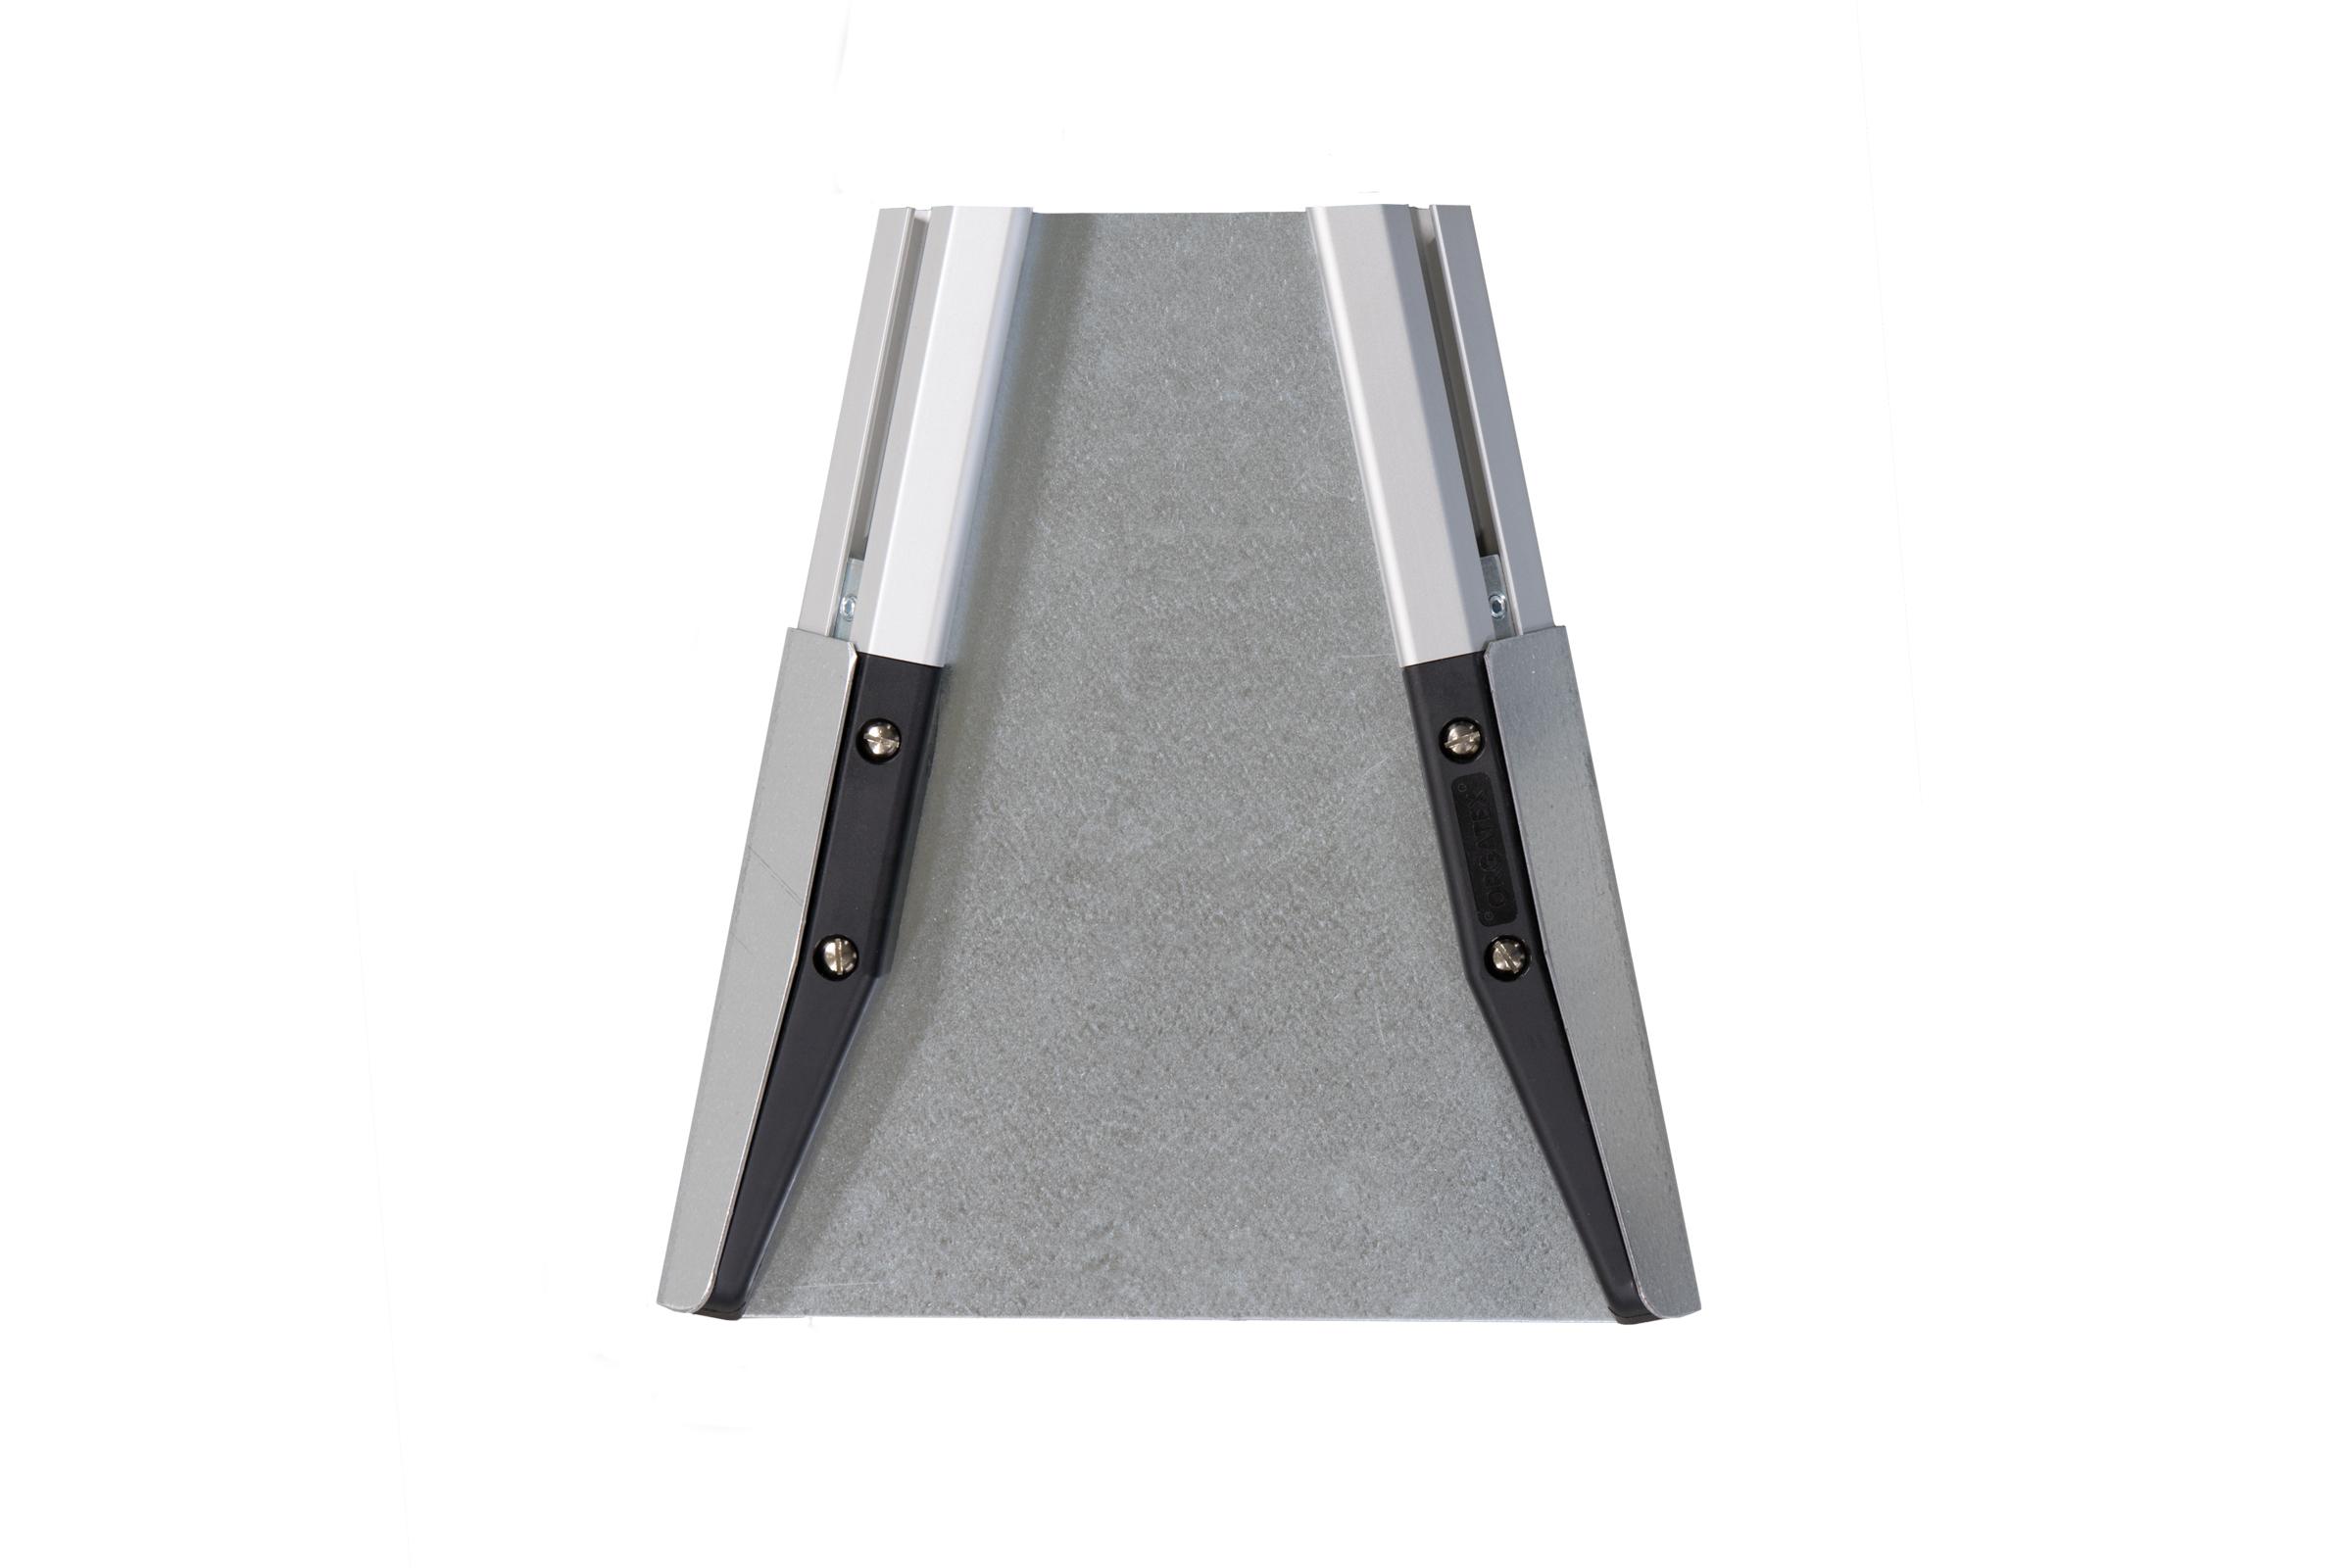 FiFo-Monorail Endkappen 55mm gespreizt